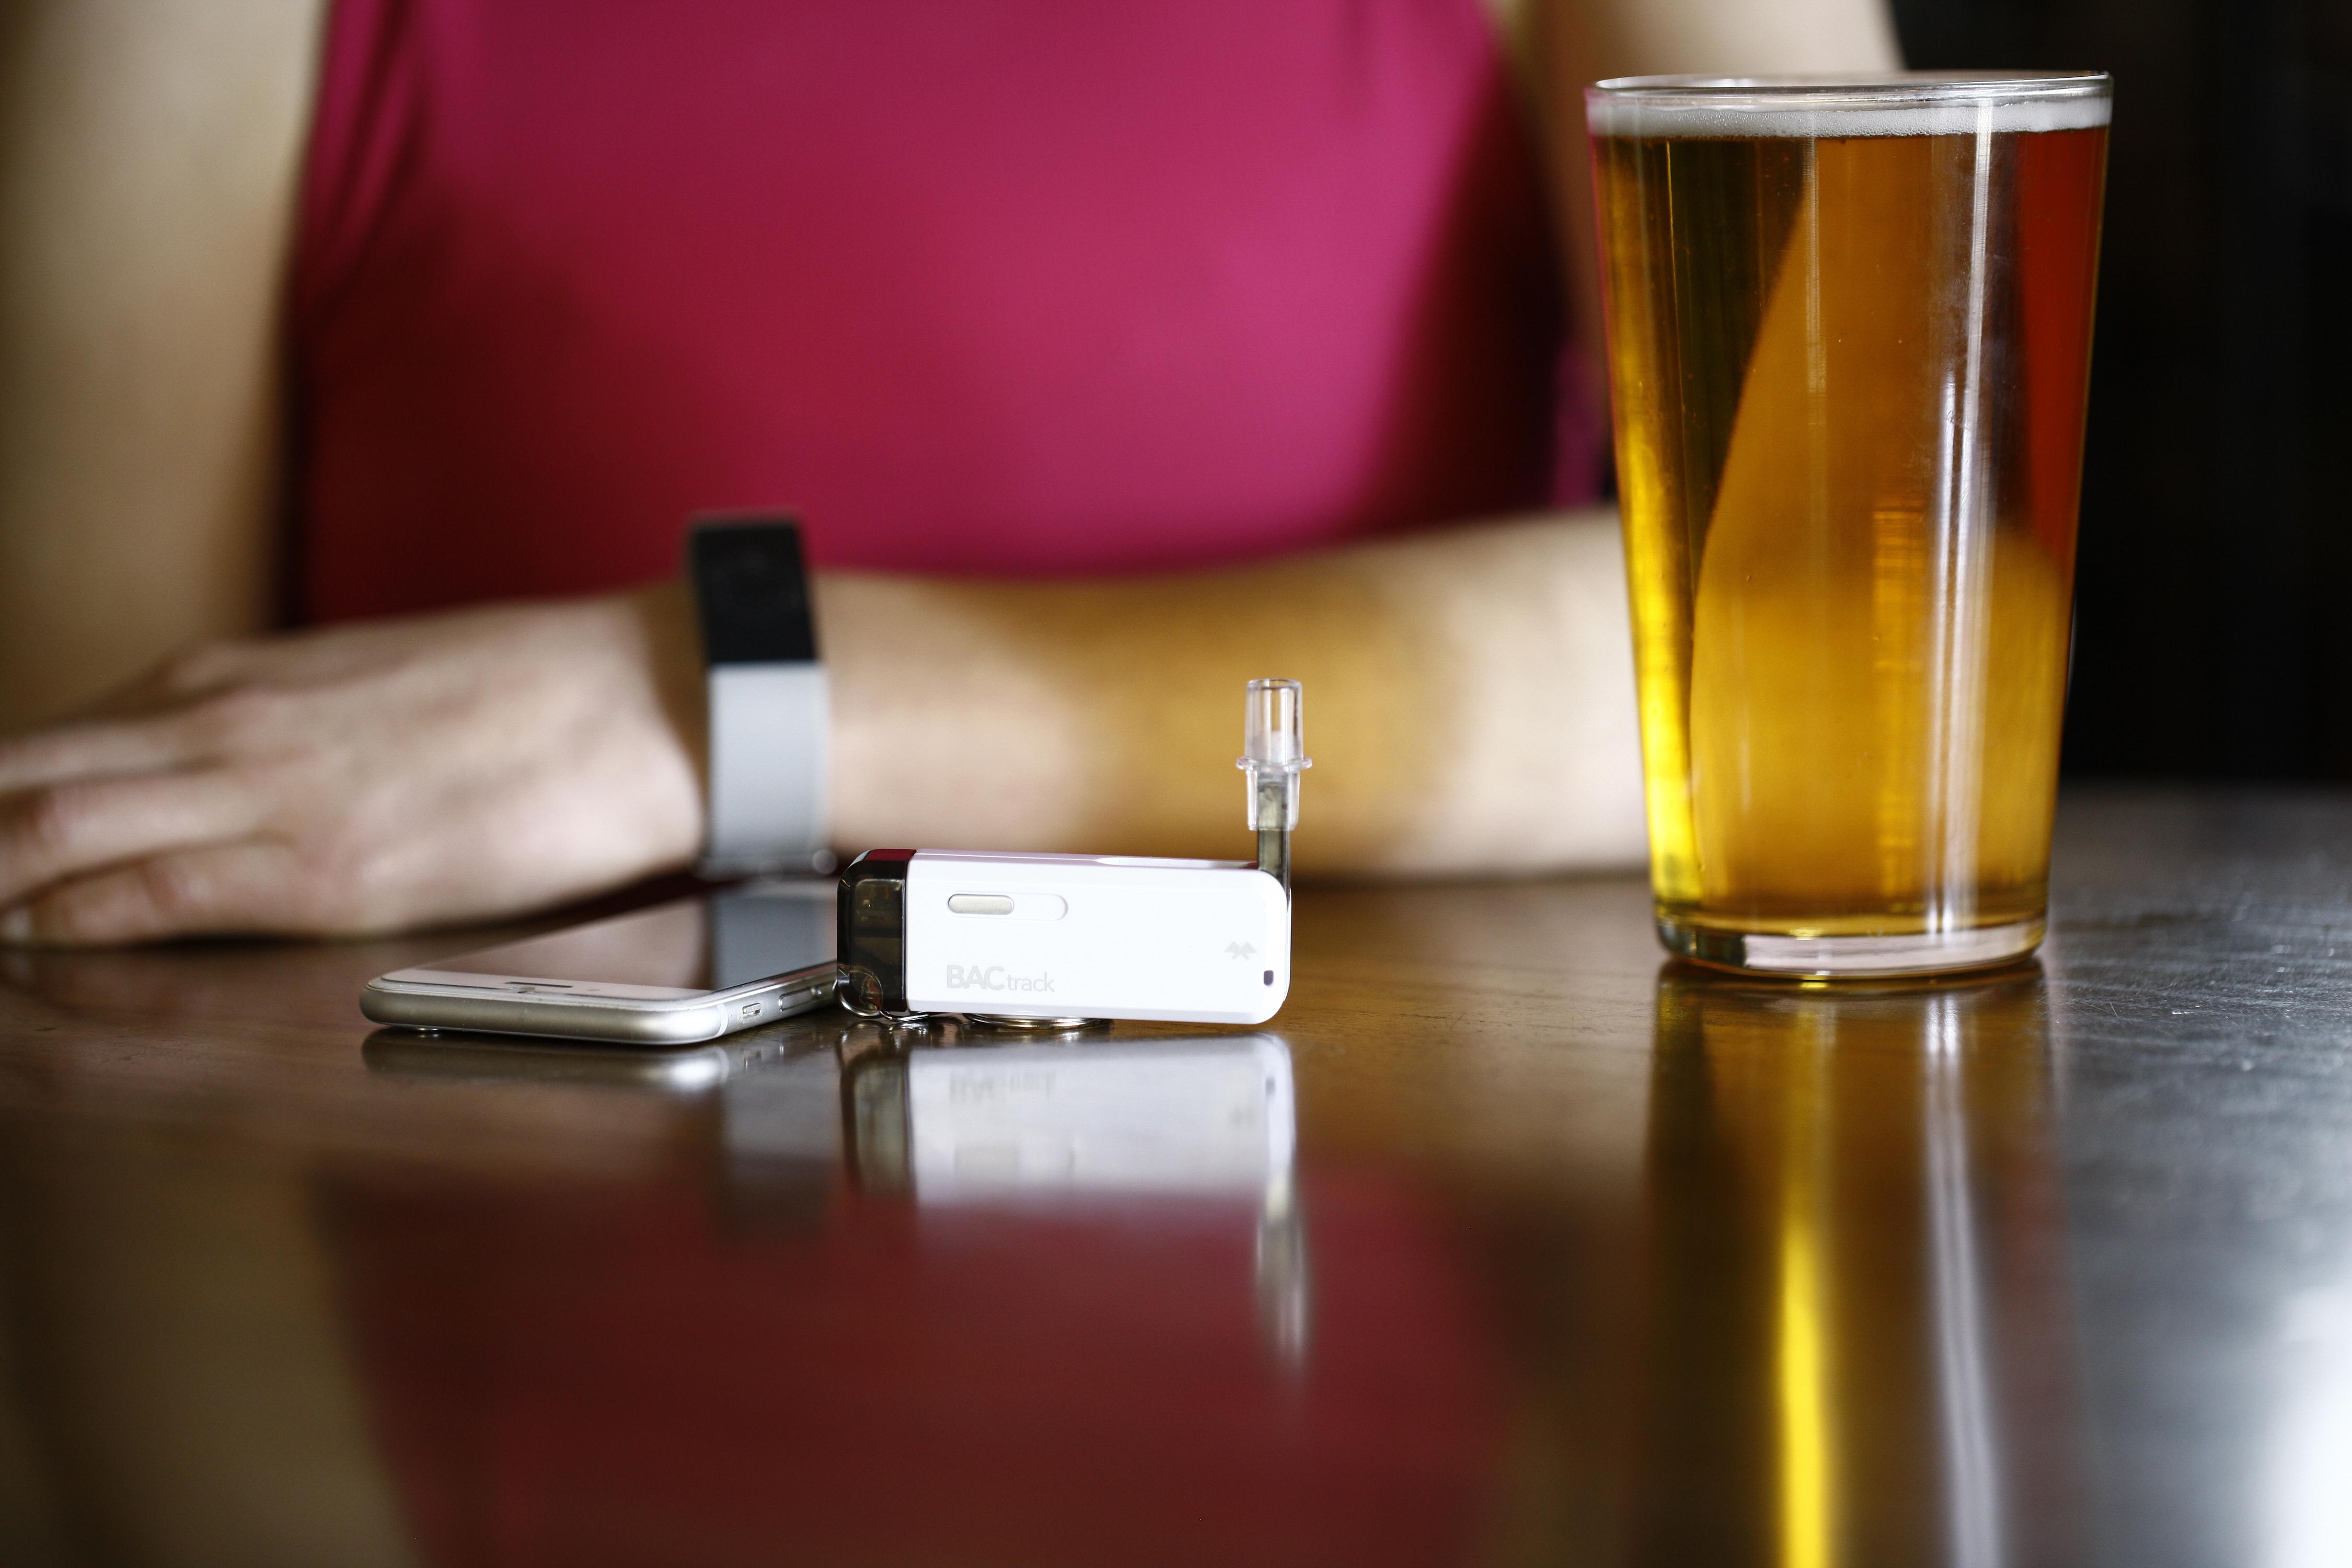 DrnkPay bloqueará tus cuentas cuando hayas bebido en exceso, protegiéndo tu salud y tu dinero